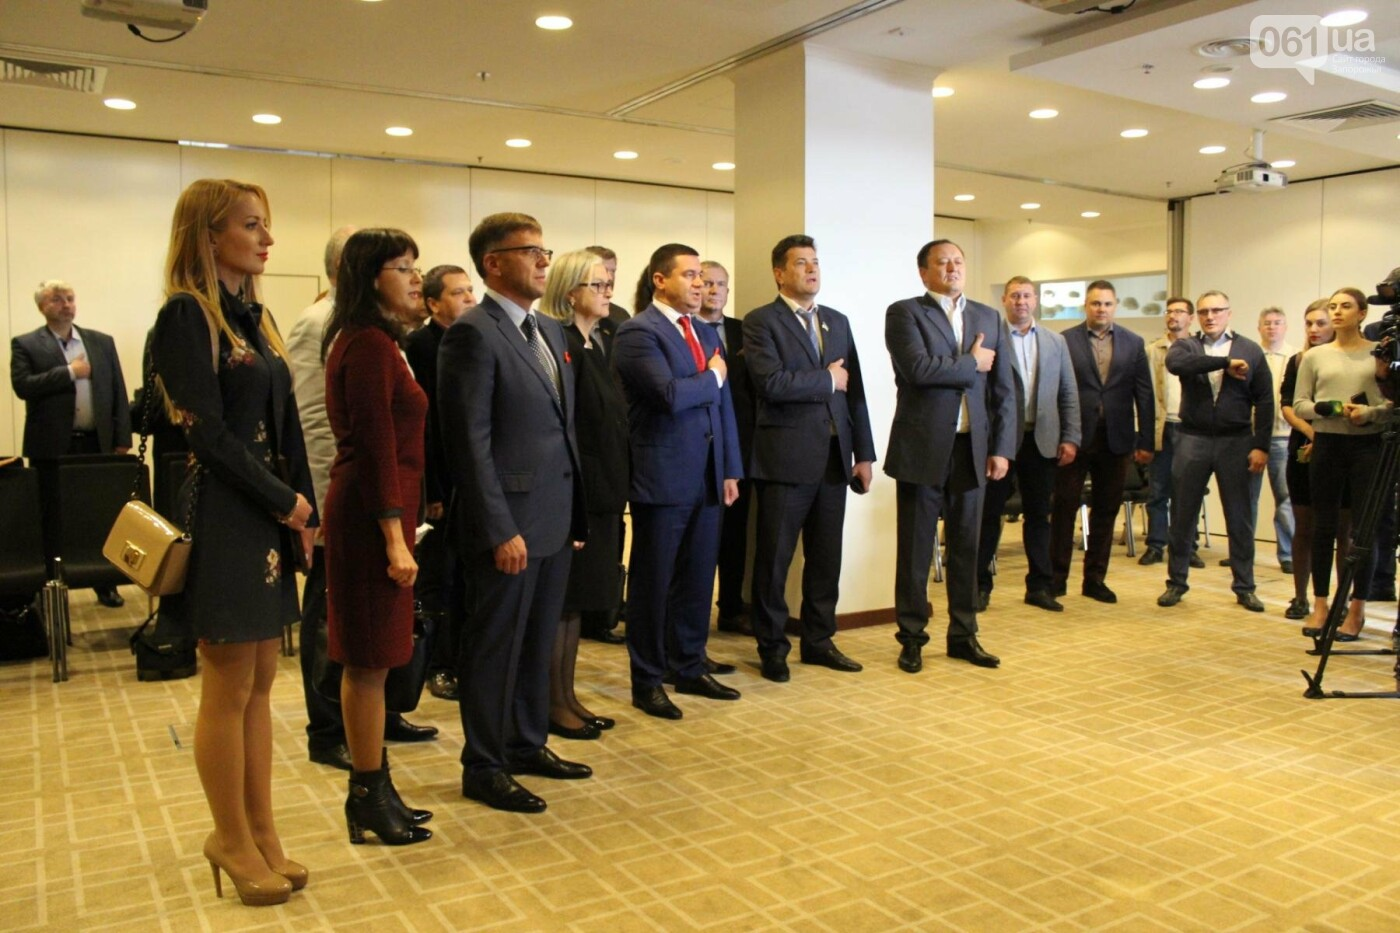 В Запорожье открылось Почетное консульство Австрии: консулом стал известный бизнесмен Борис Шестопалов, — ФОТОРЕПОРТАЖ, фото-3